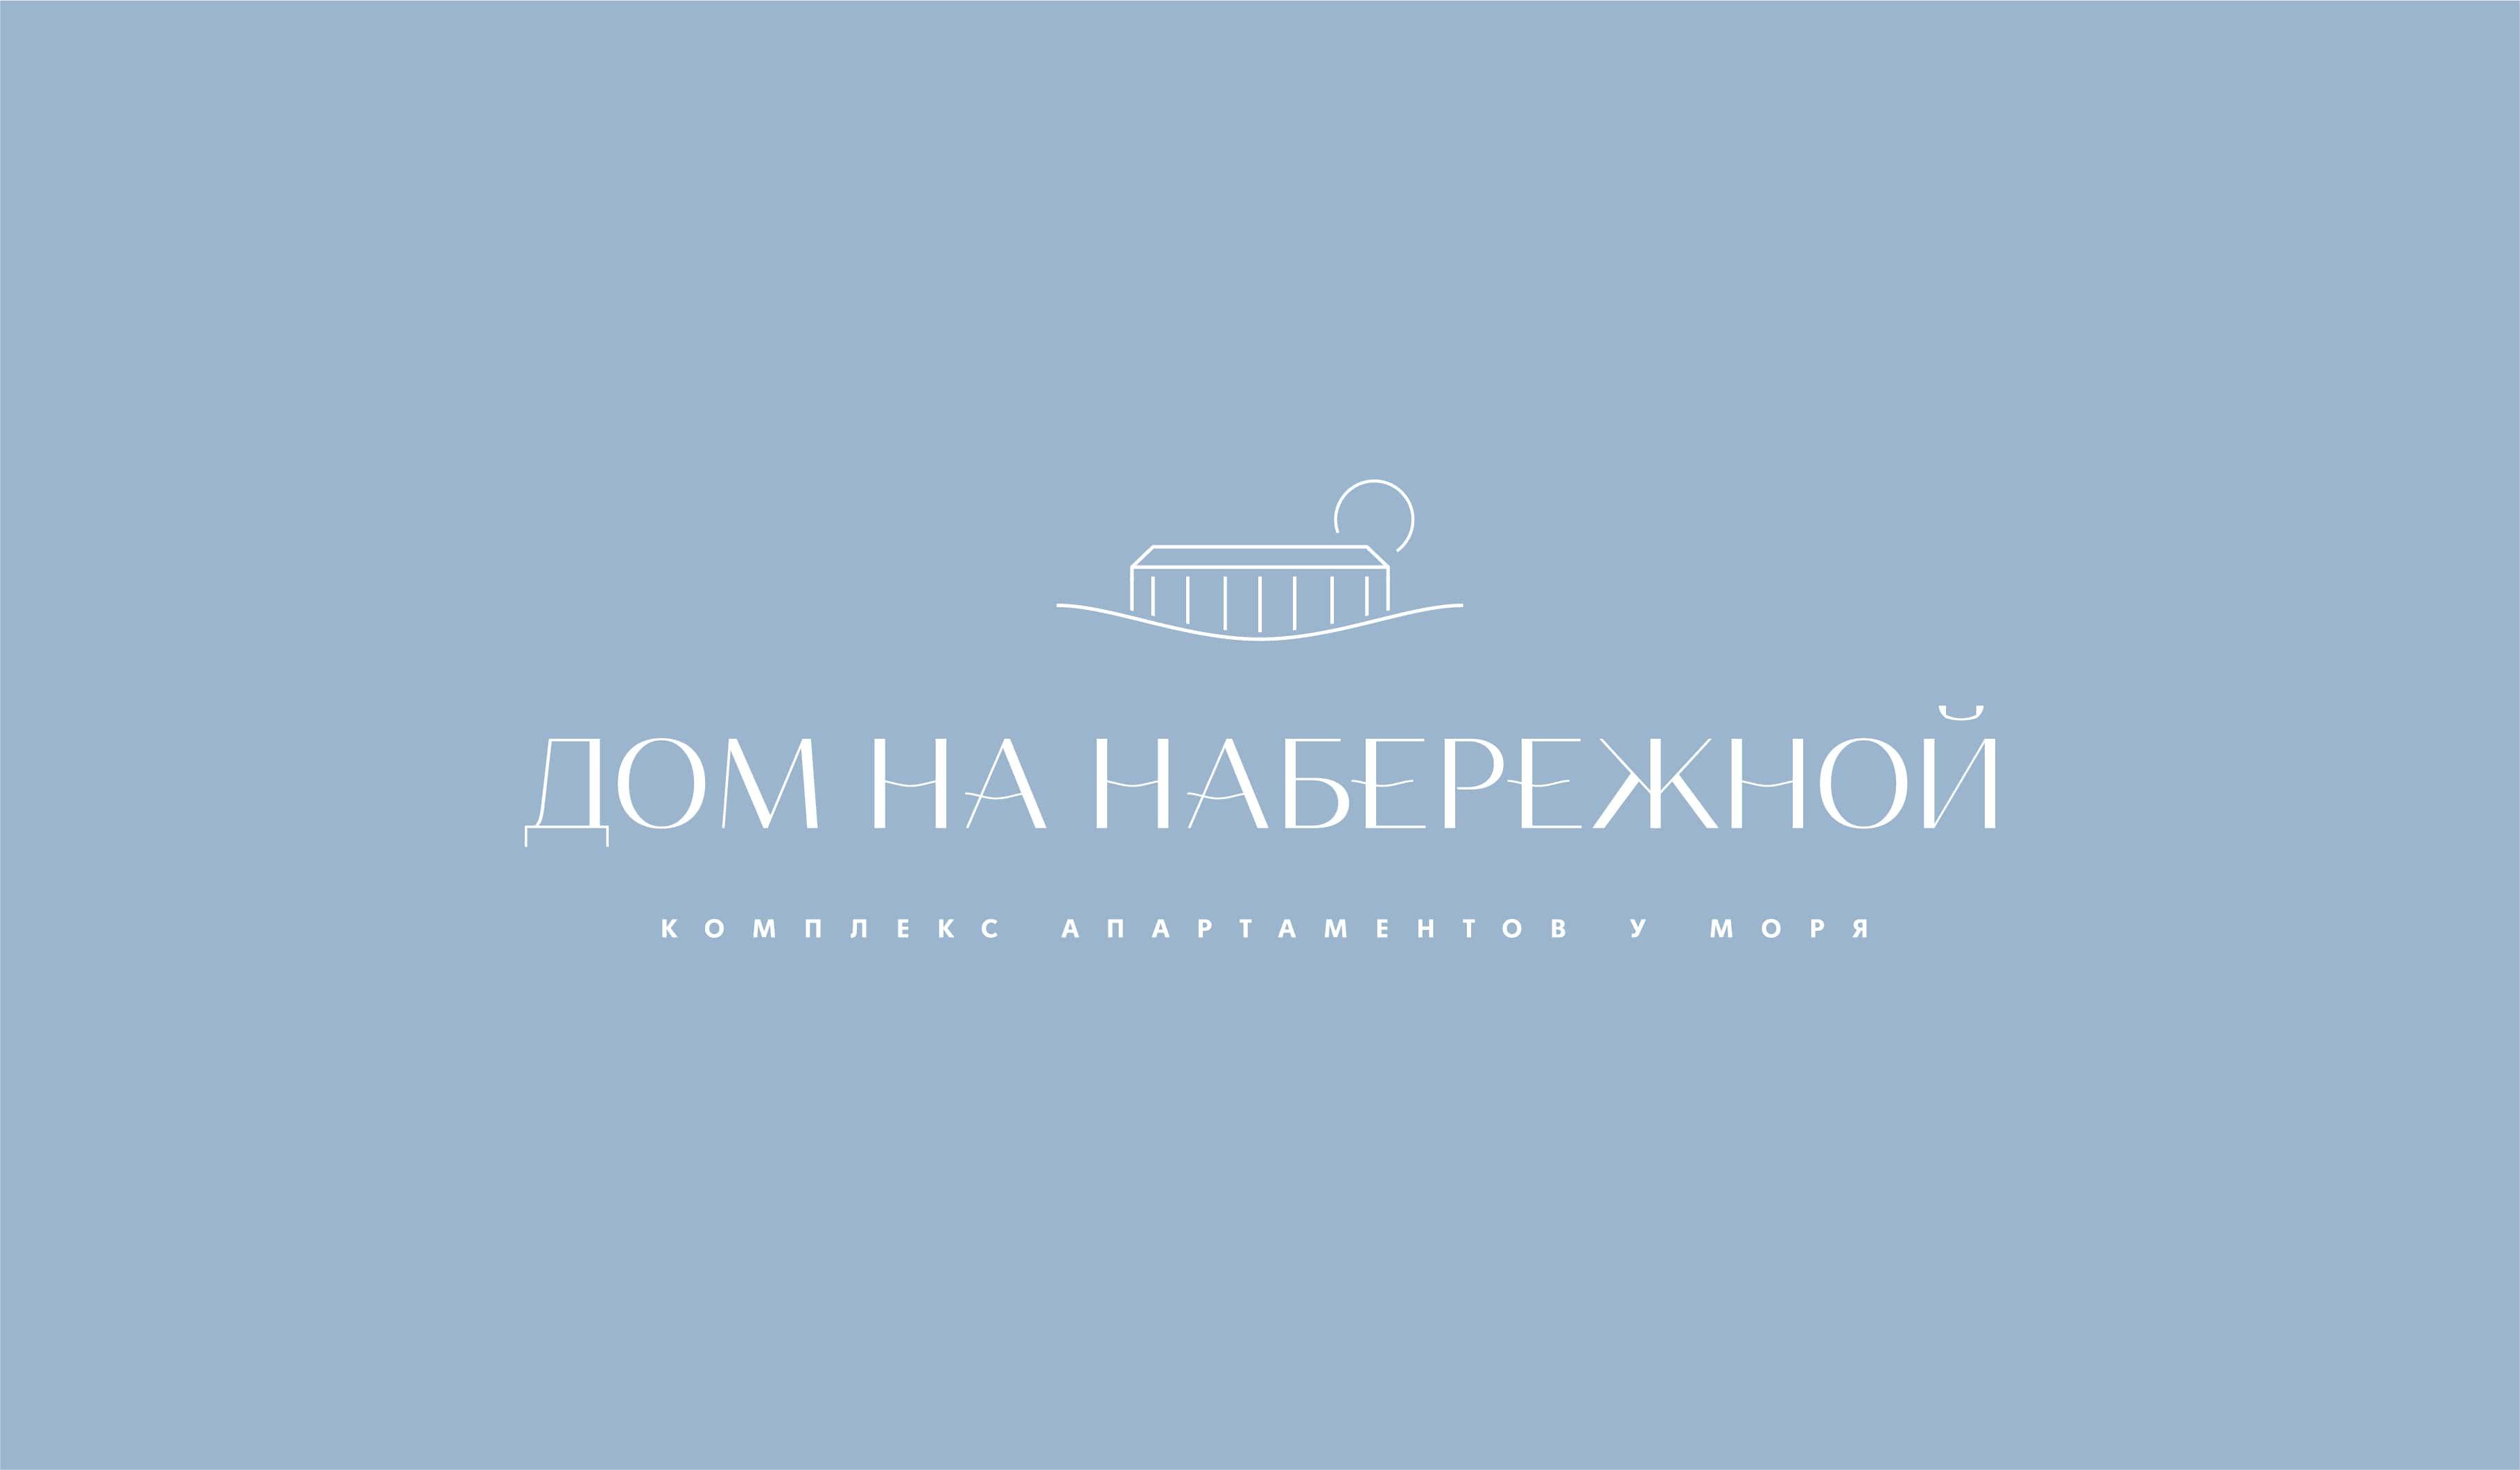 РАЗРАБОТКА логотипа для ЖИЛОГО КОМПЛЕКСА премиум В АНАПЕ.  фото f_4215dec26d2e4a17.jpg